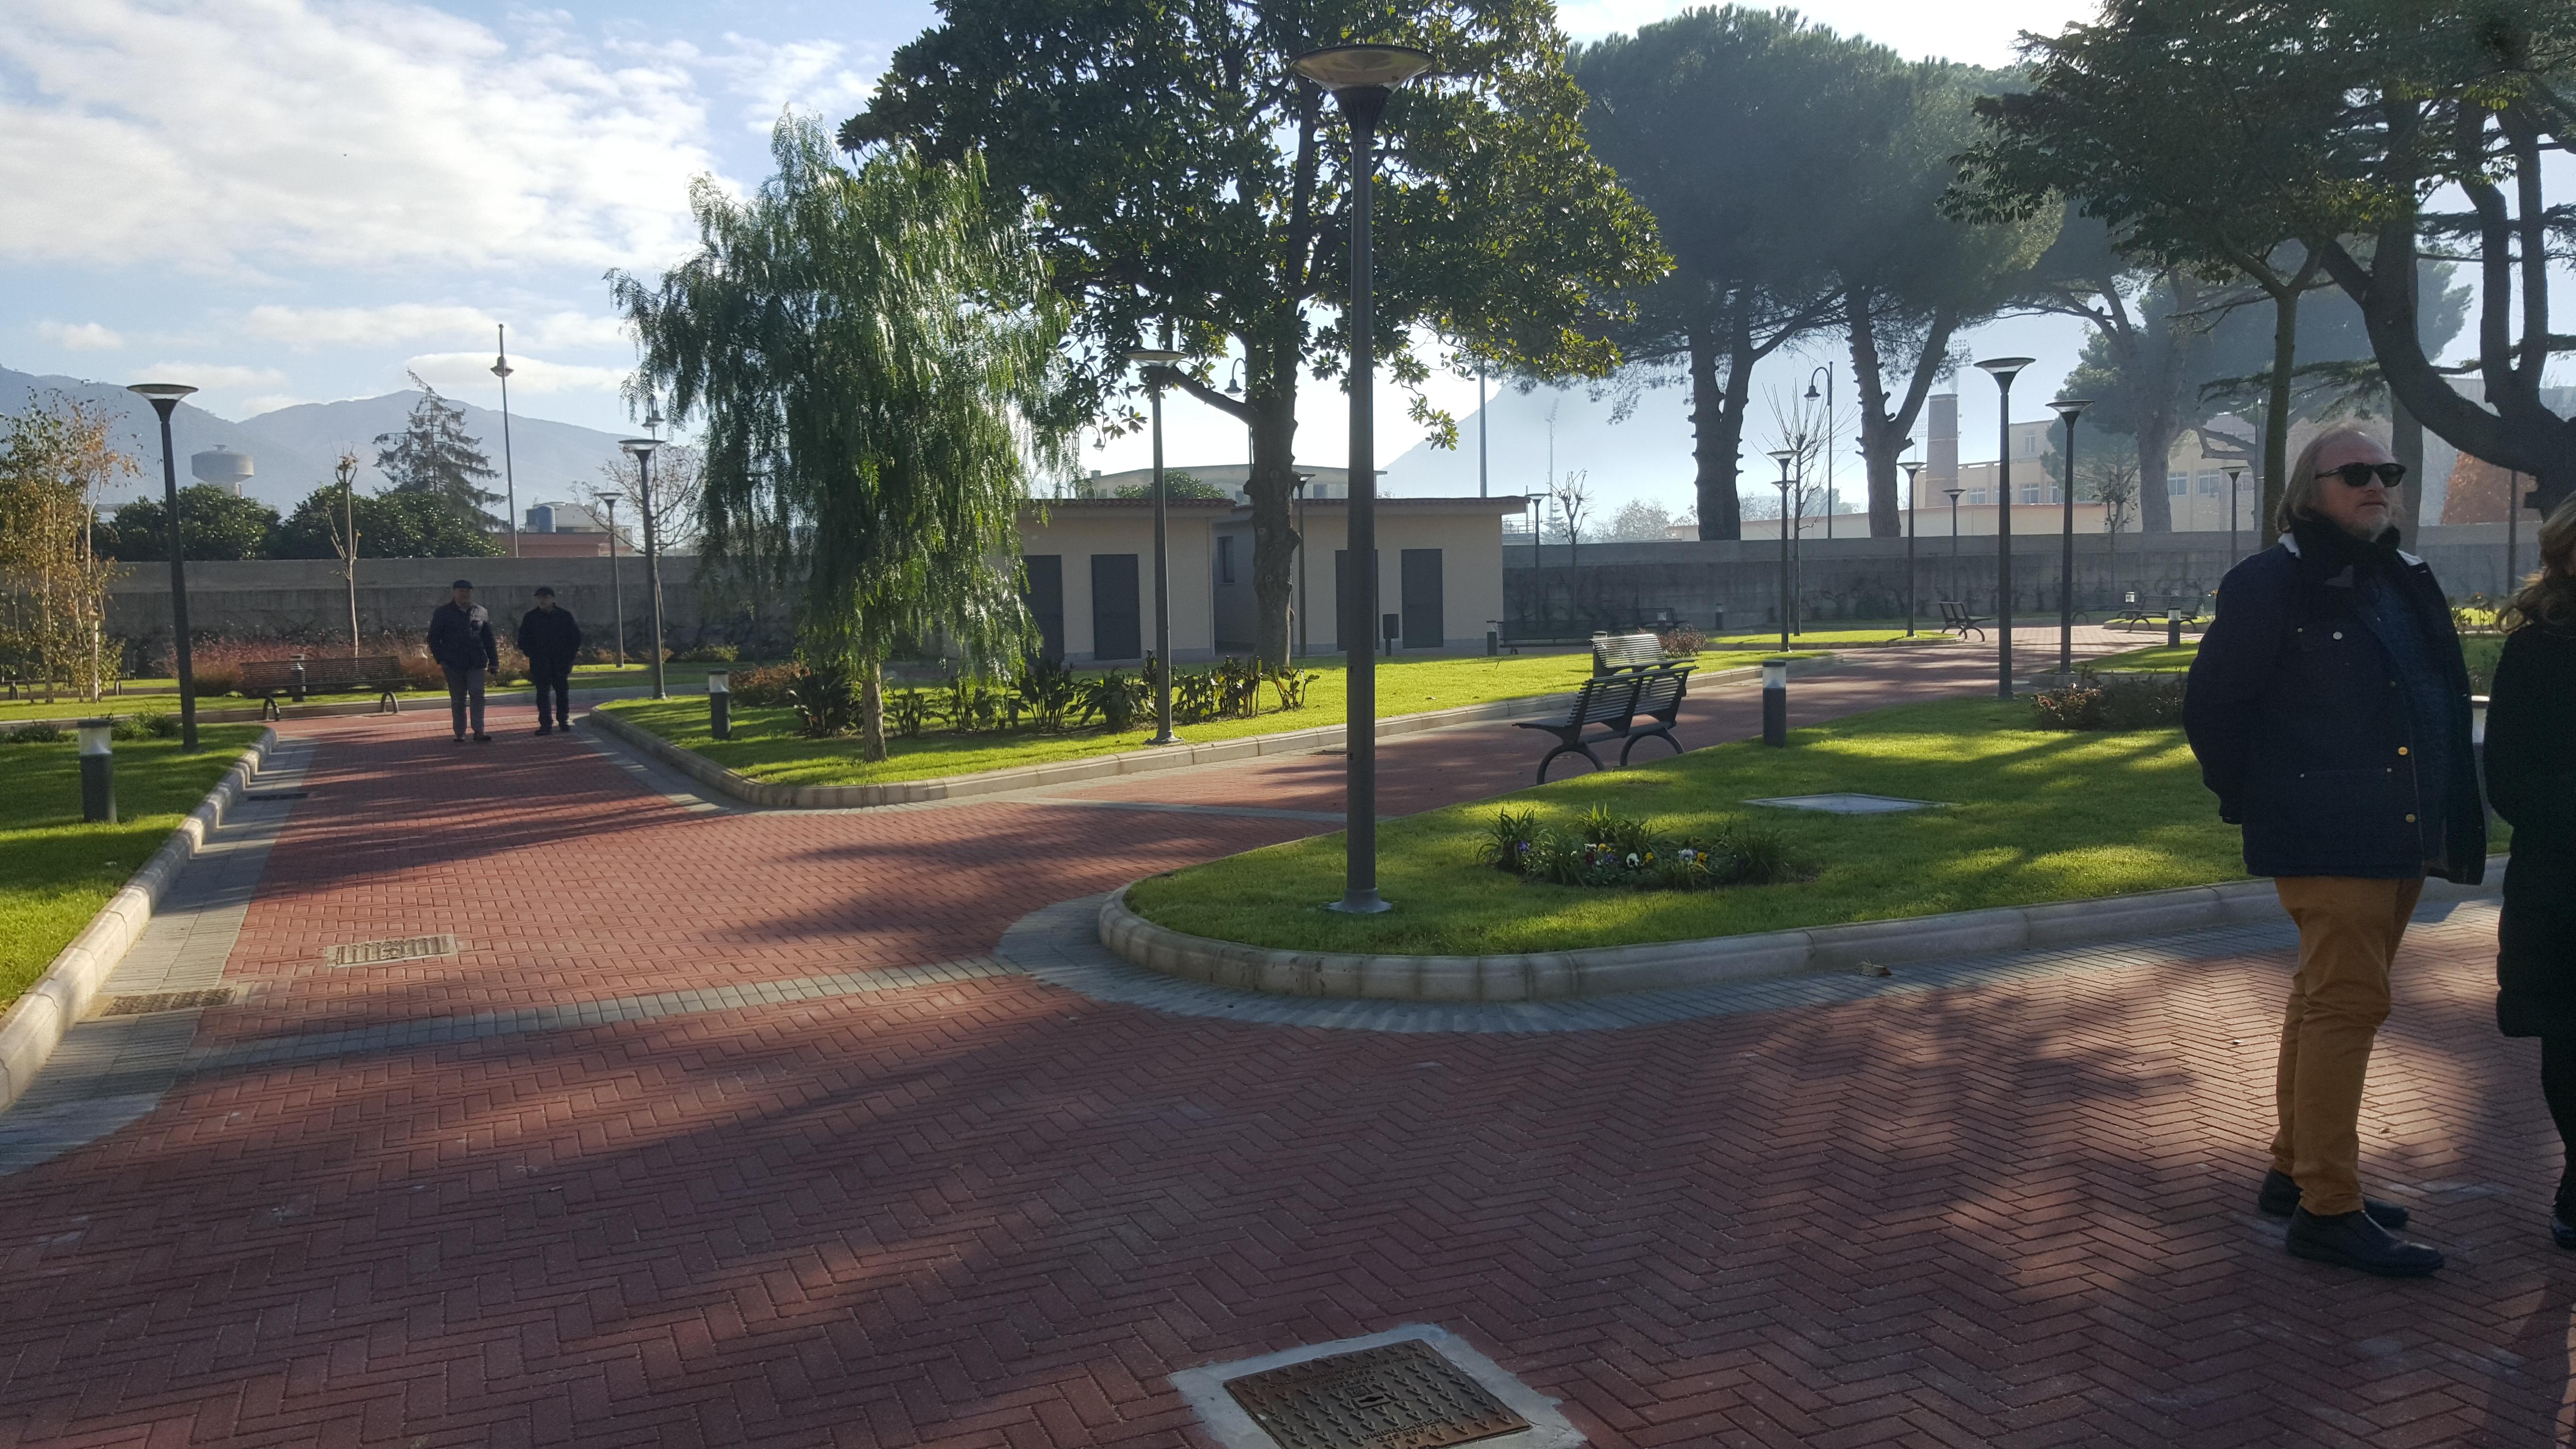 Ufficio Verde Pubblico : Nocera inferiore nuova area di spazio verde attrezzato agro